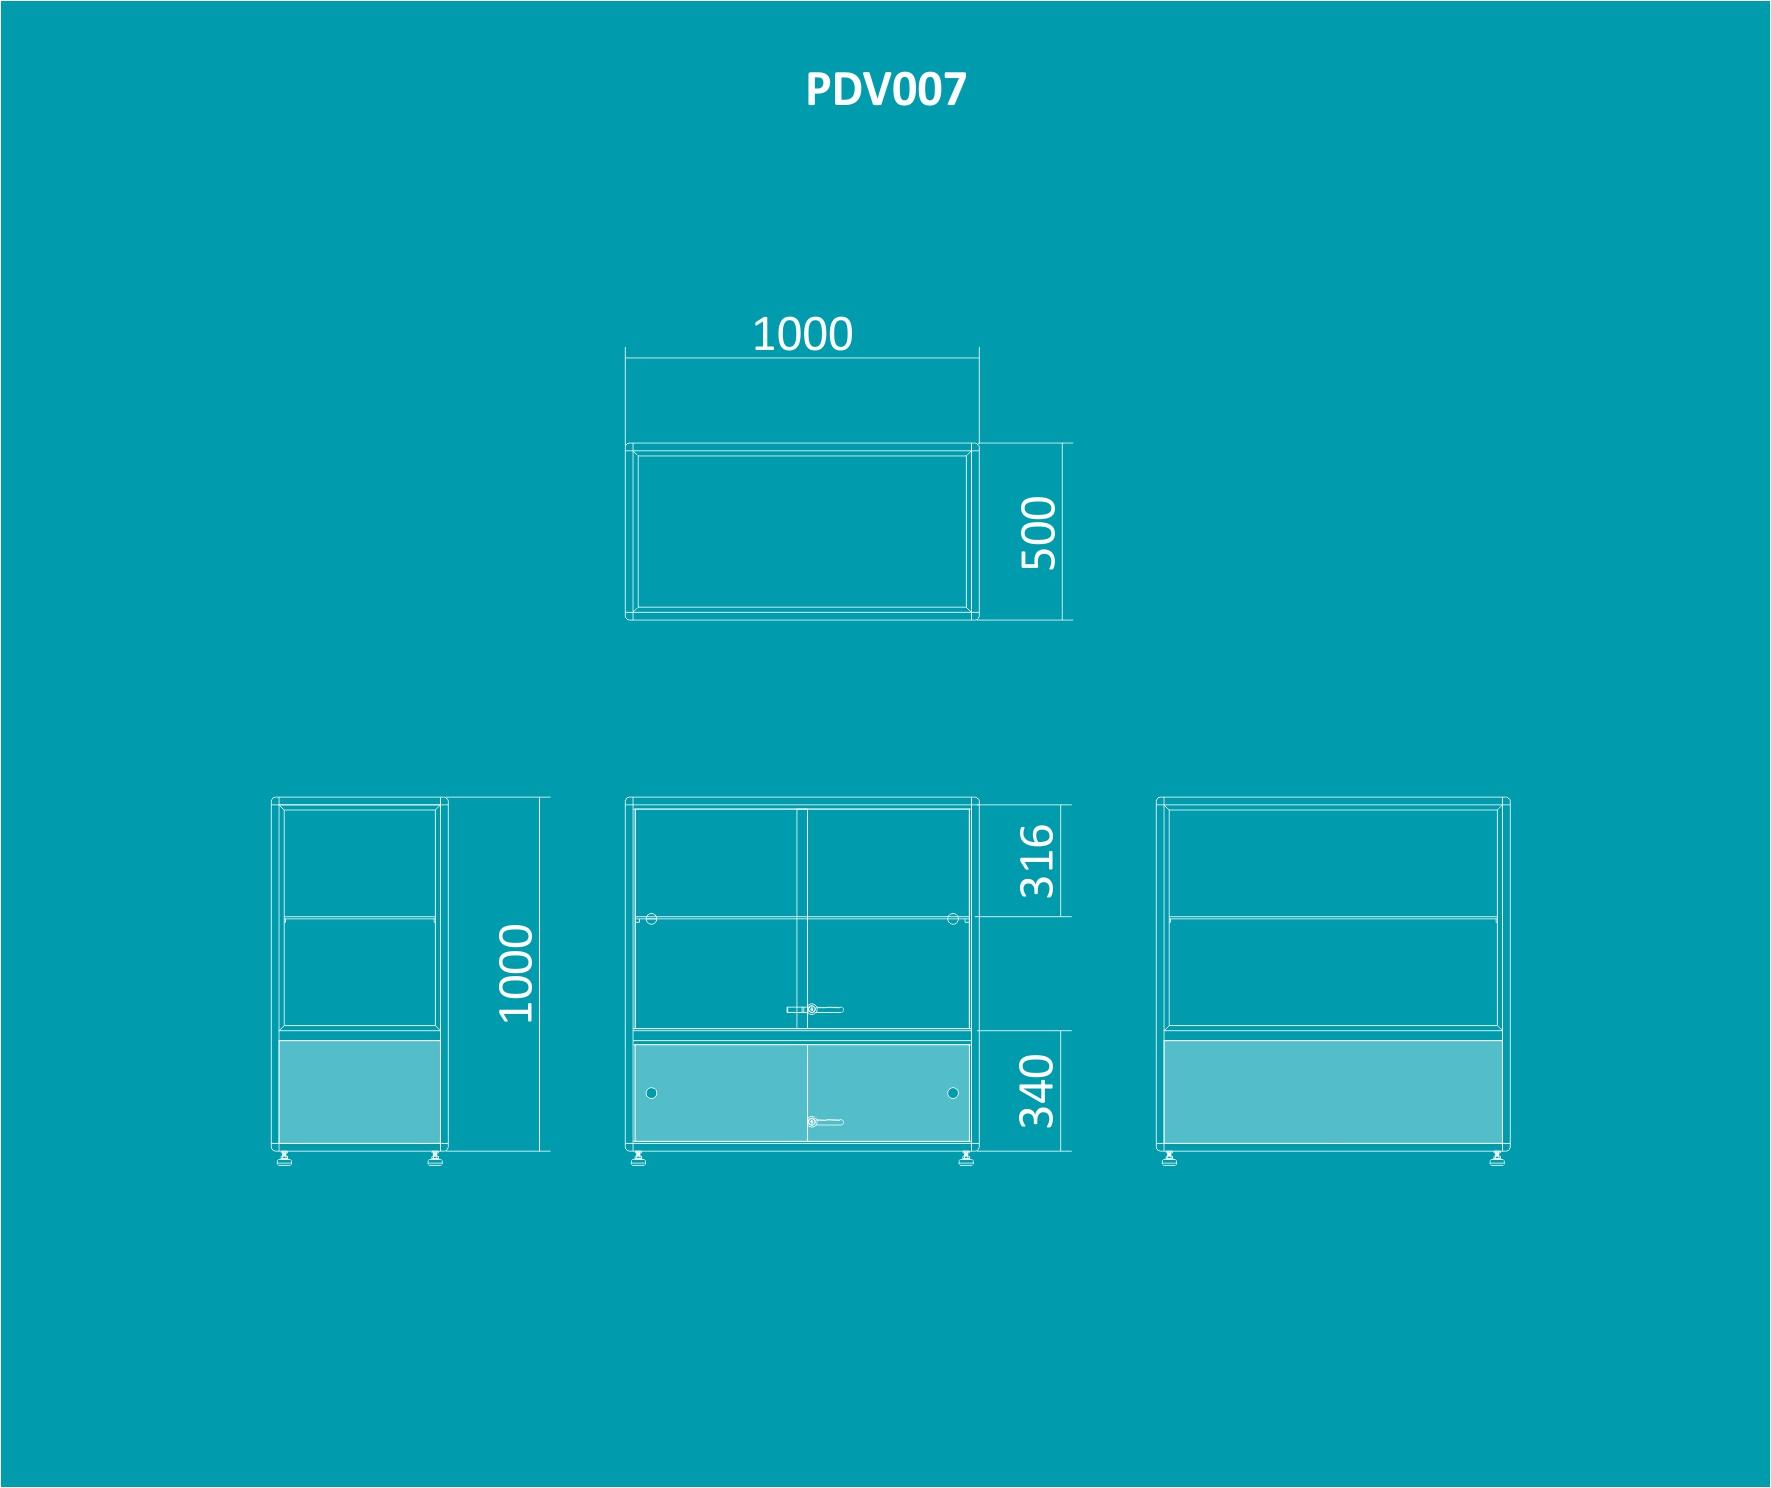 PDV 007 - Balcão expositor 1000mm de altura